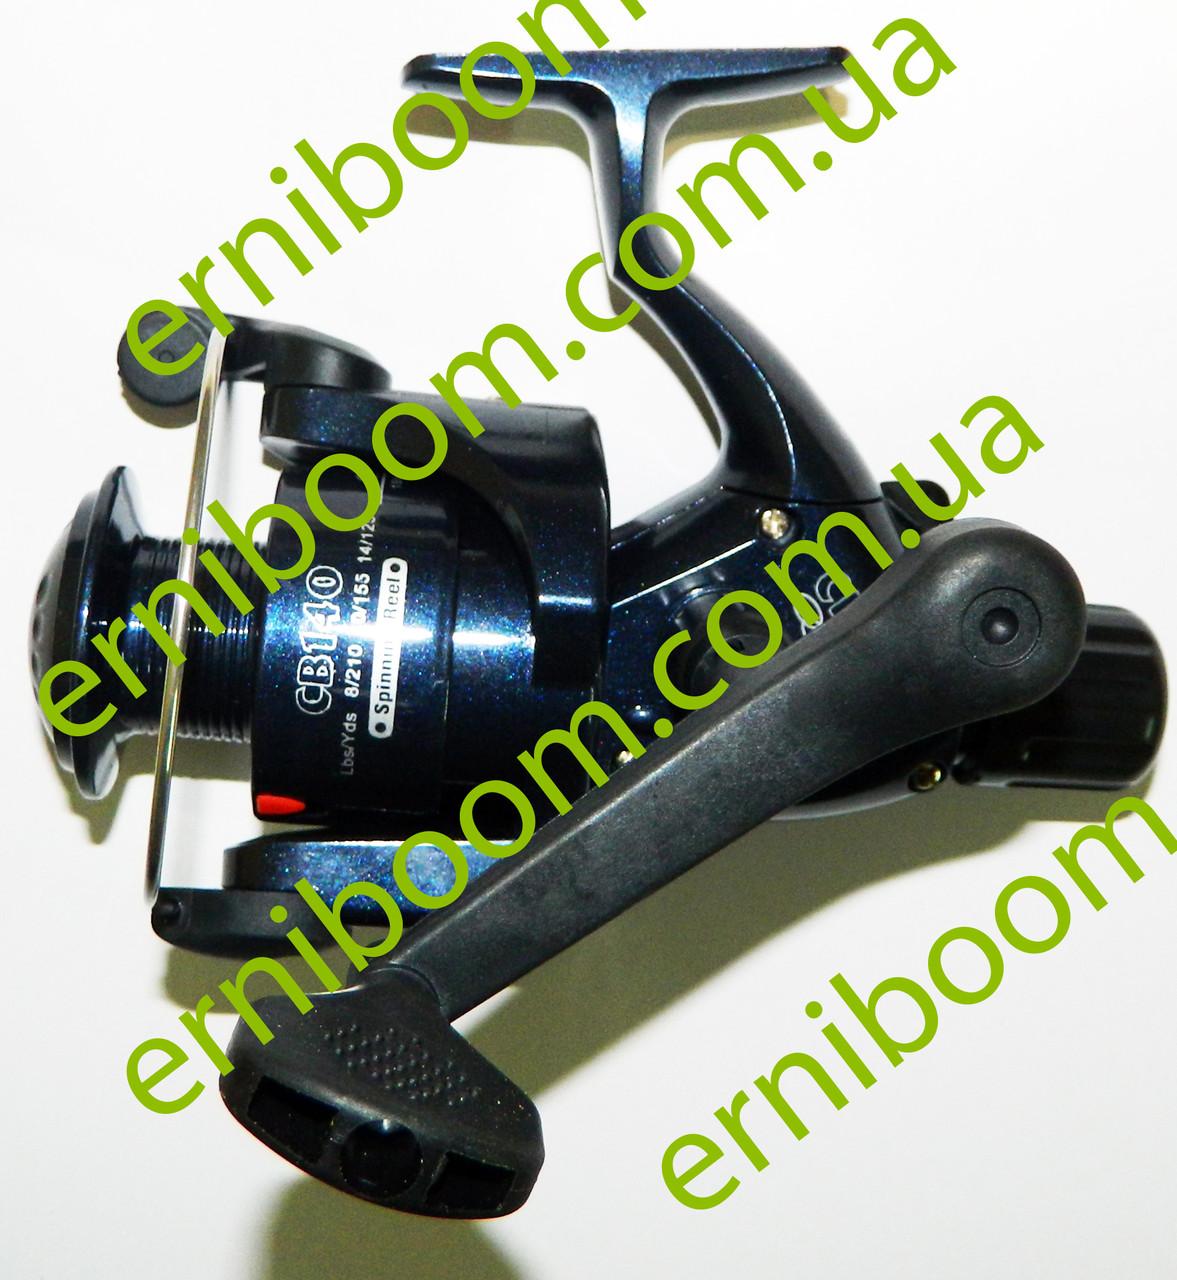 Рыбалка Катушка для спиннинга Cobra 140 - erniboom market в Херсоне